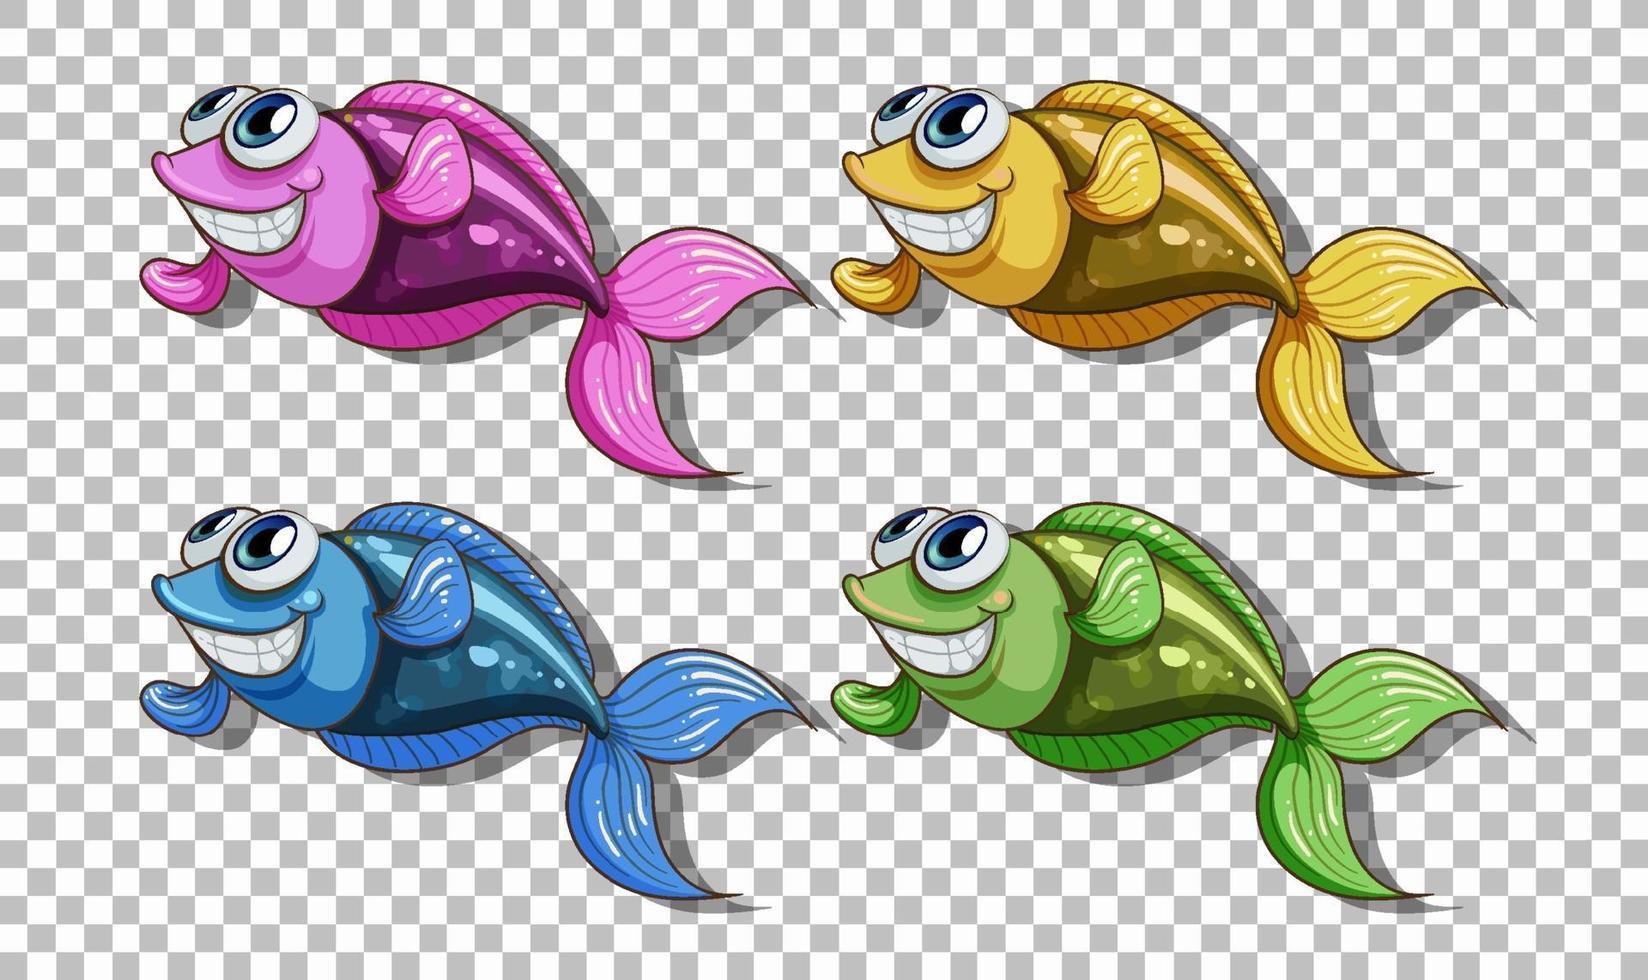 ensemble de personnage de dessin animé de nombreux poissons isolé sur fond transparent vecteur